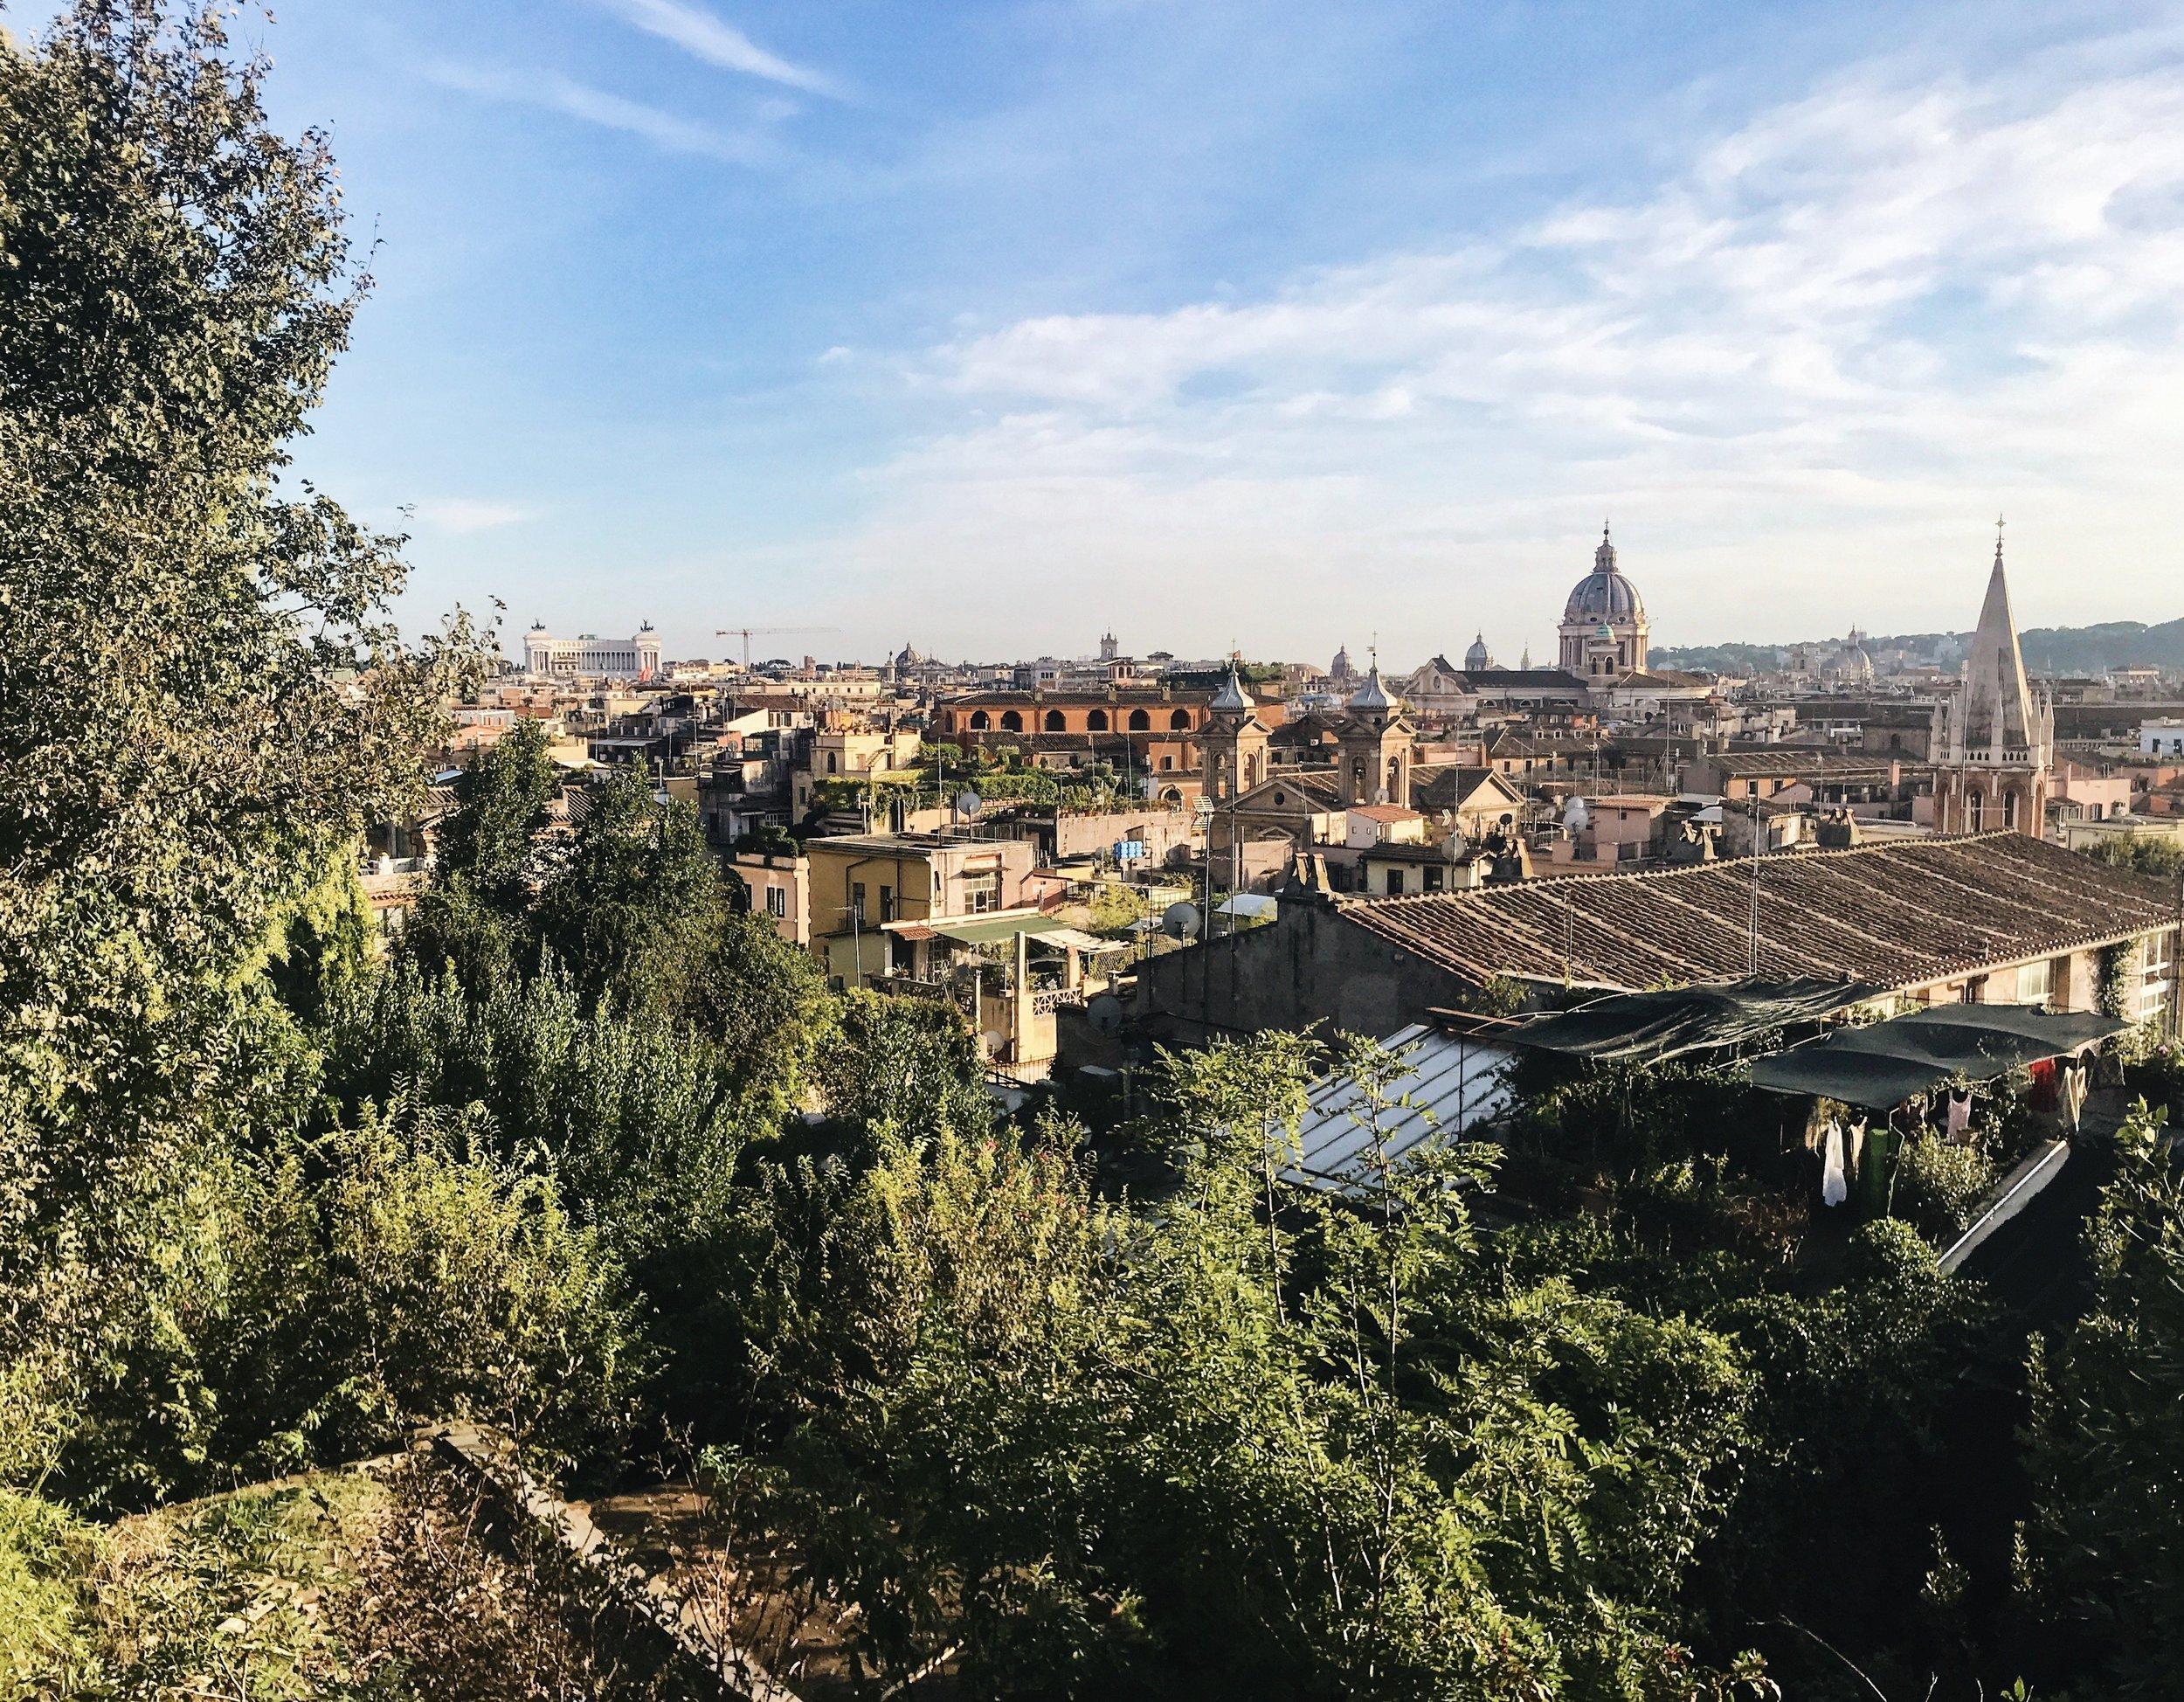 Italy-Positano-Rome-Amalfi-Coast-Lena-Mirisola-29.JPG